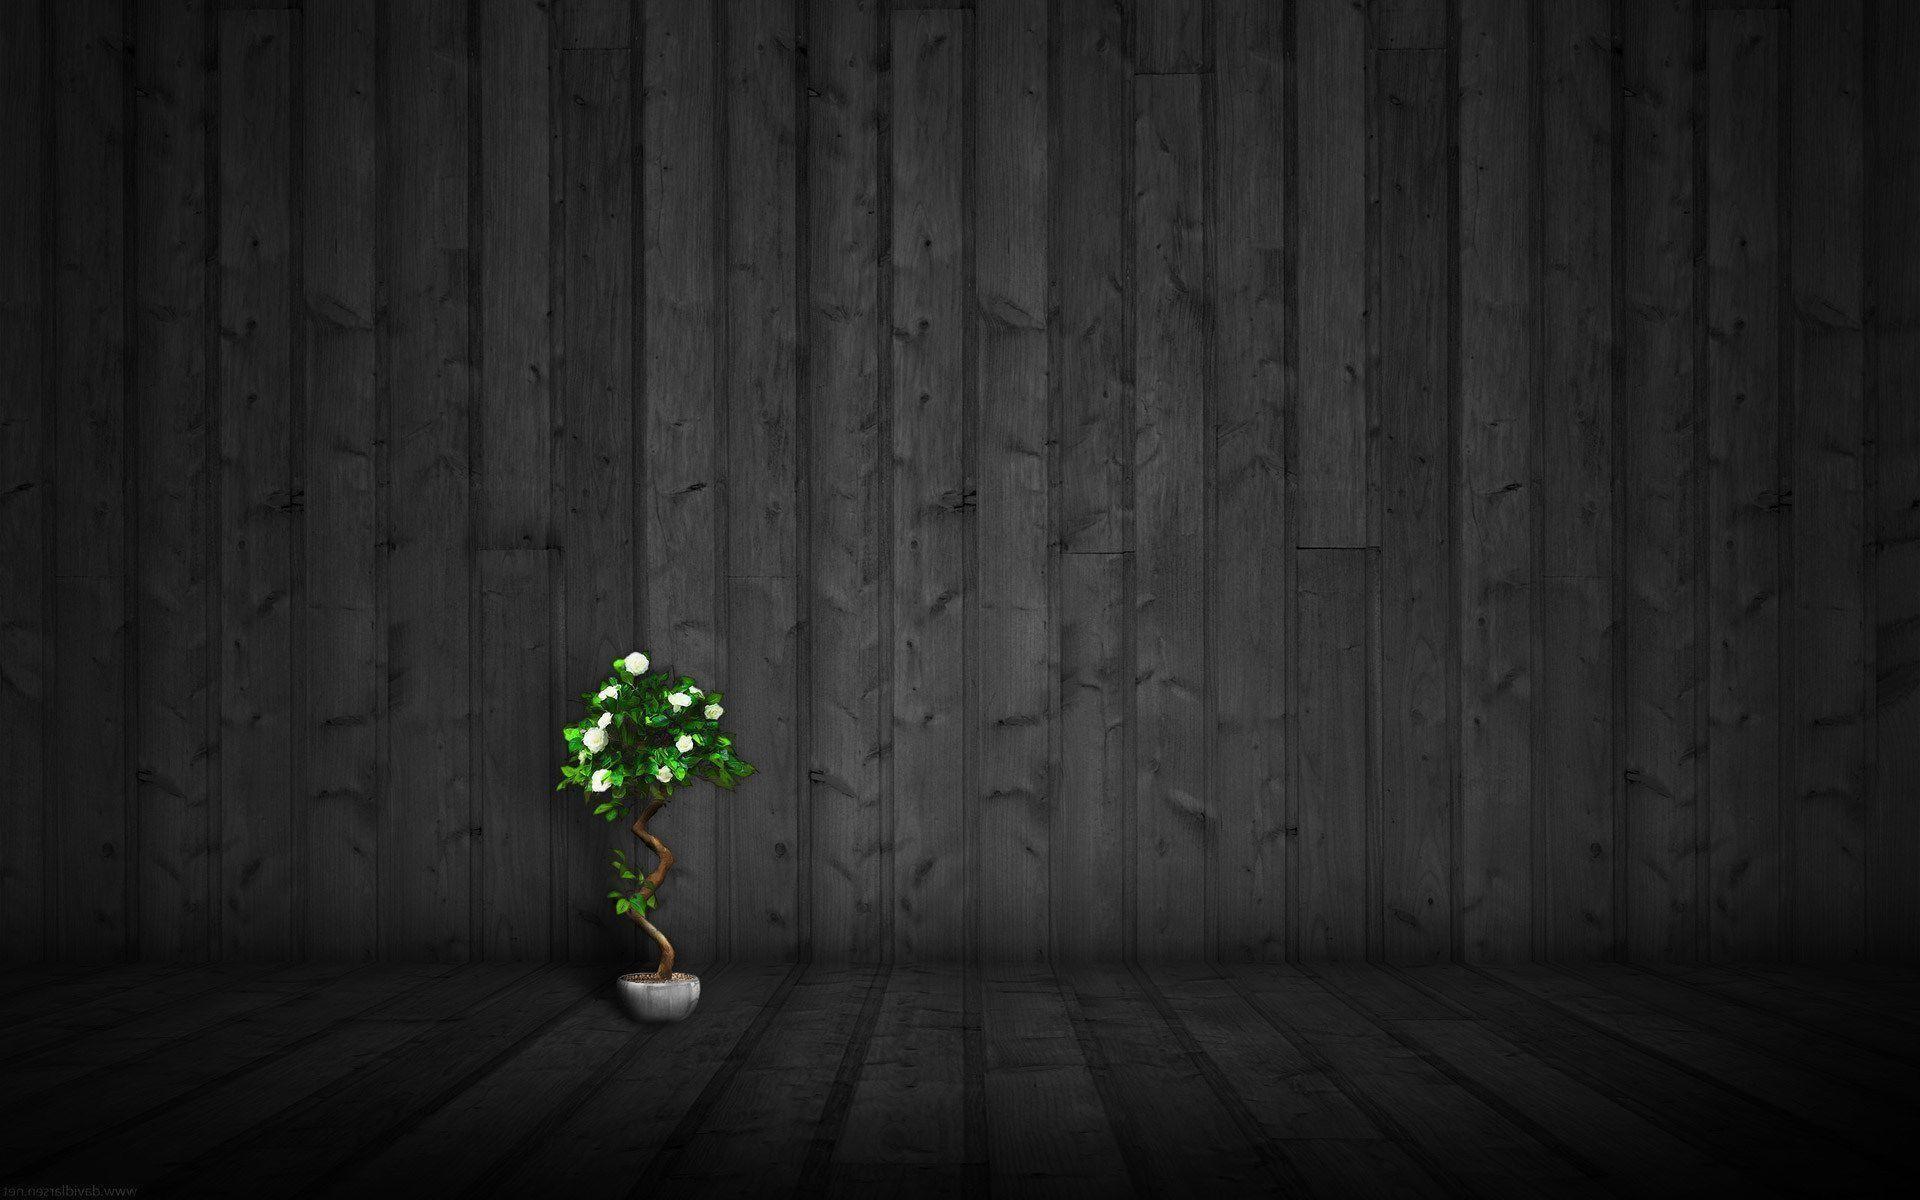 1920x1200 hd wallpaper dark wood - photo #2